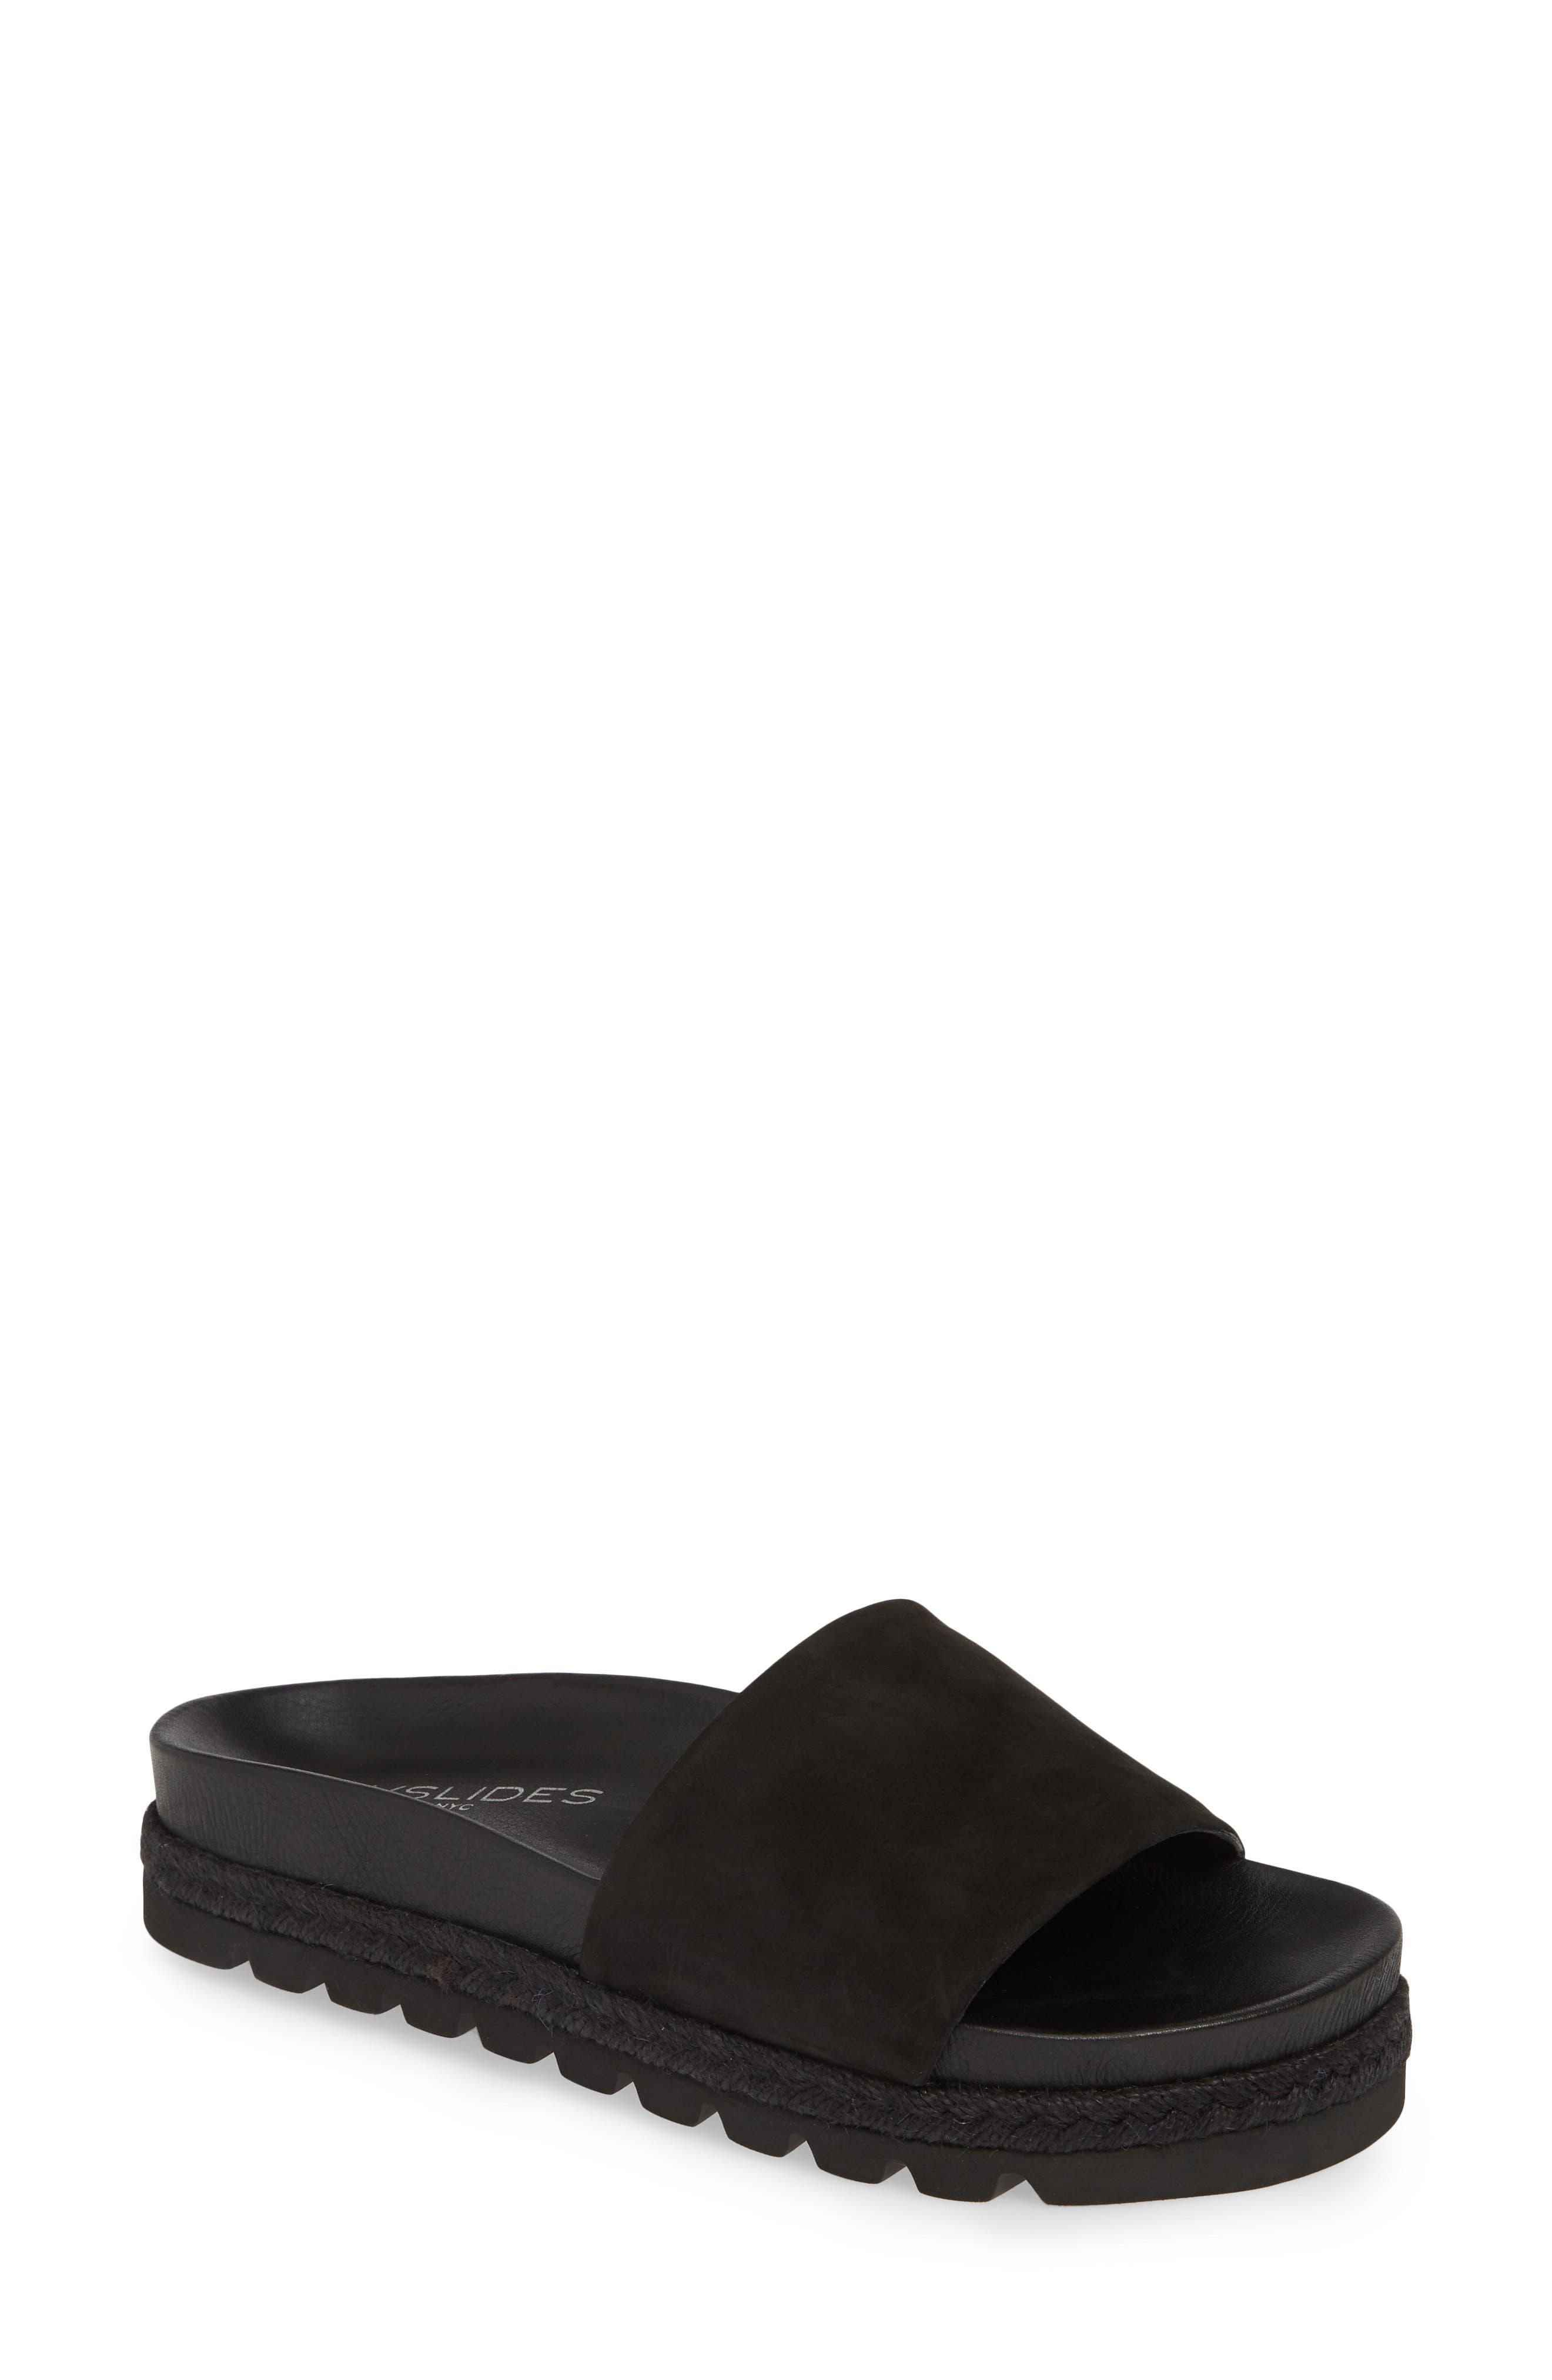 Jslides Espadrille Slide Sandal- Black